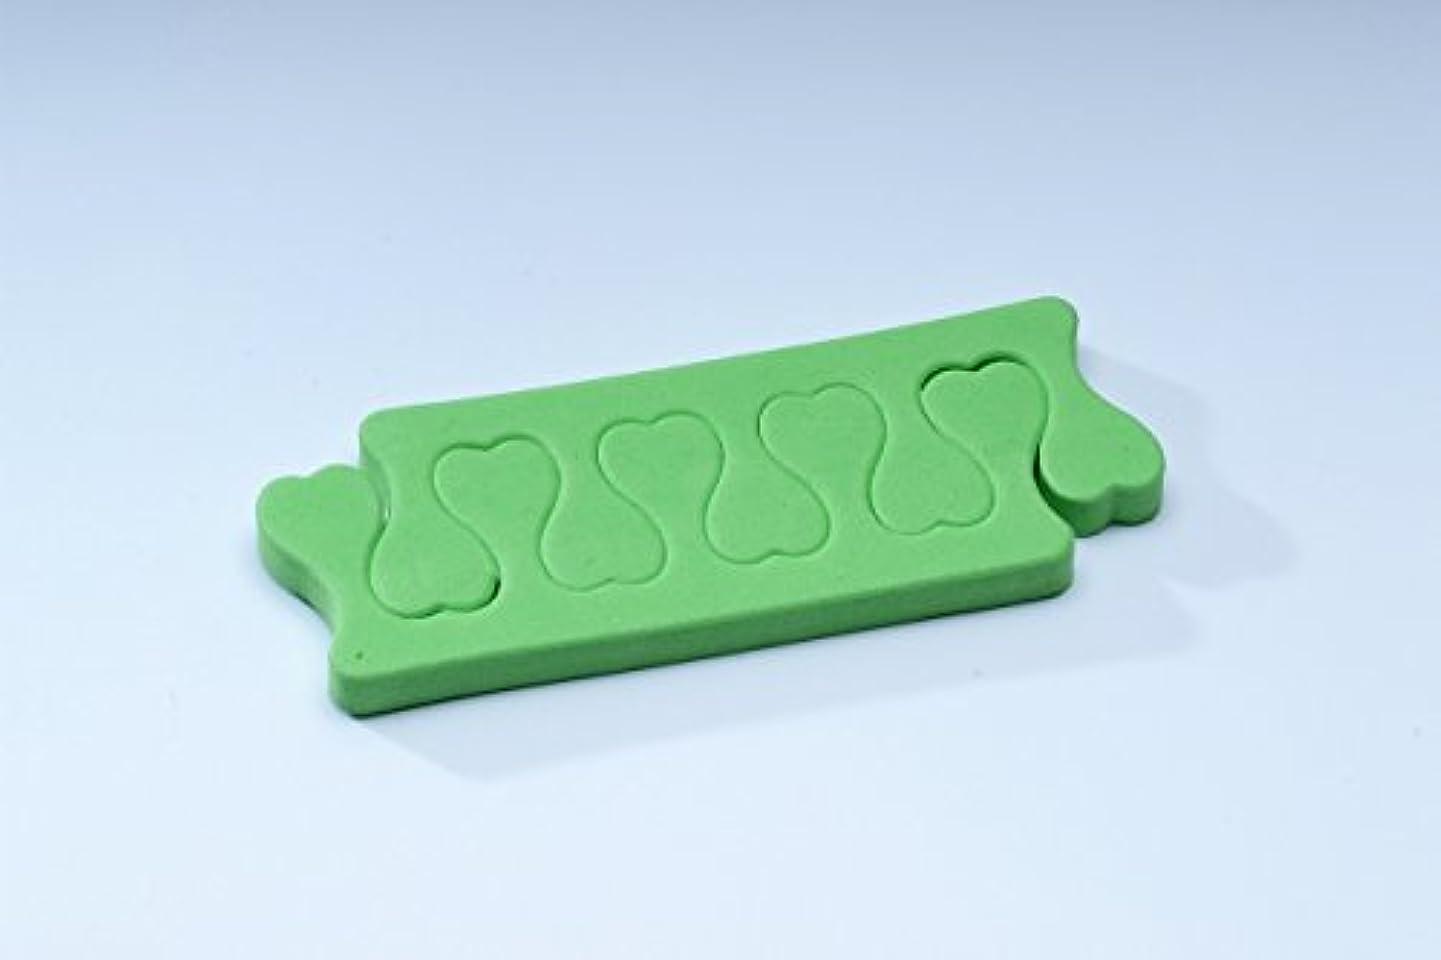 壁小学生圧力フィンガーセパレーター【緑】 gln03